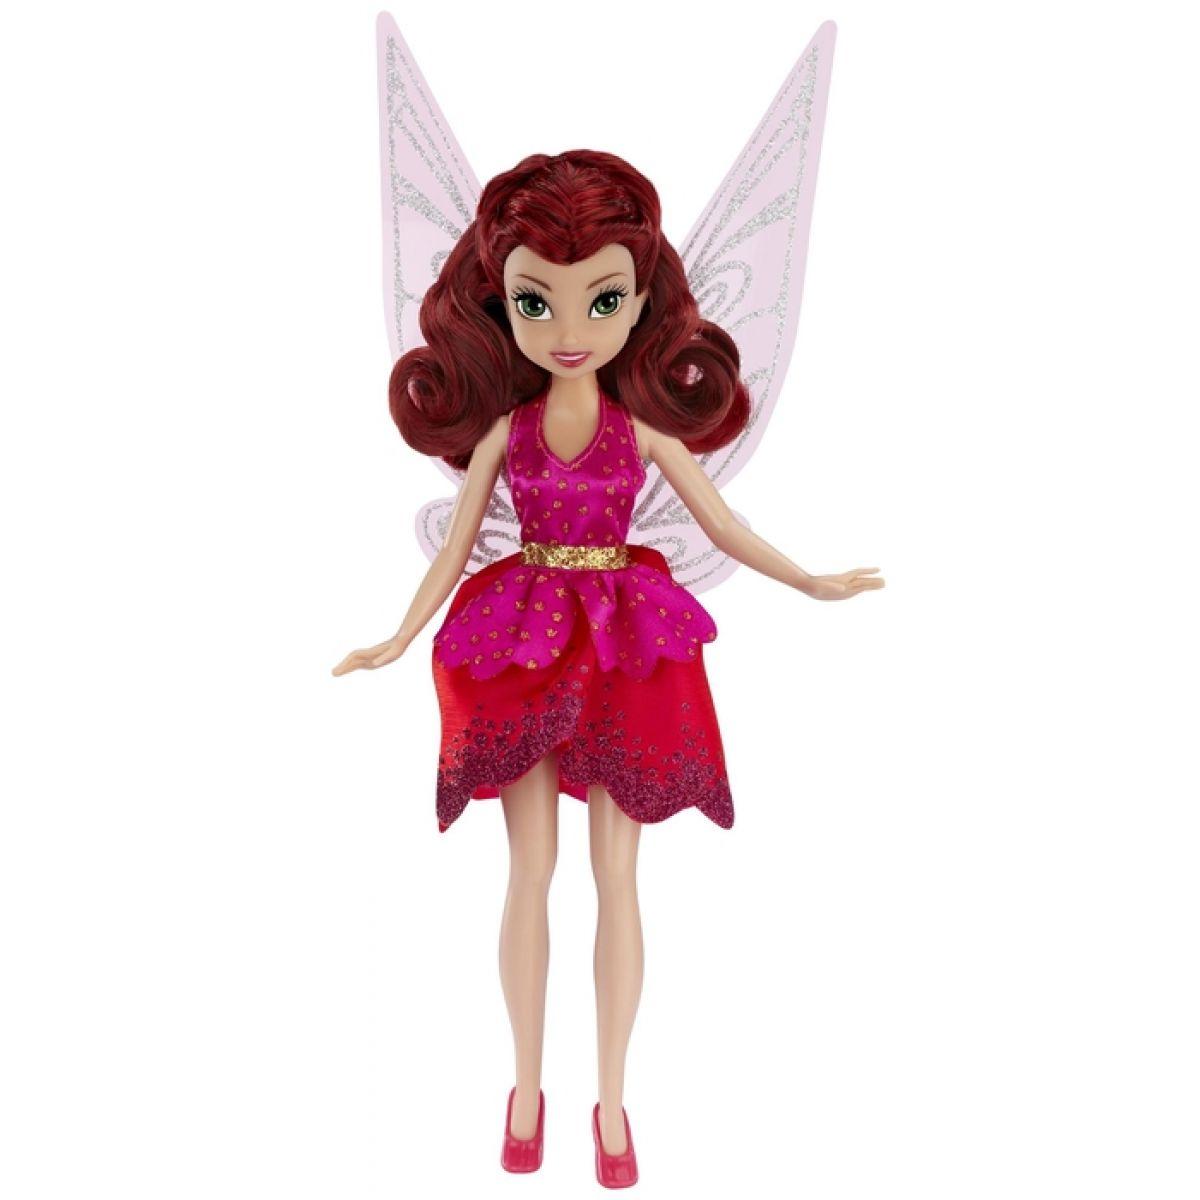 Disney Víly 22cm klasická panenka - Rozeta